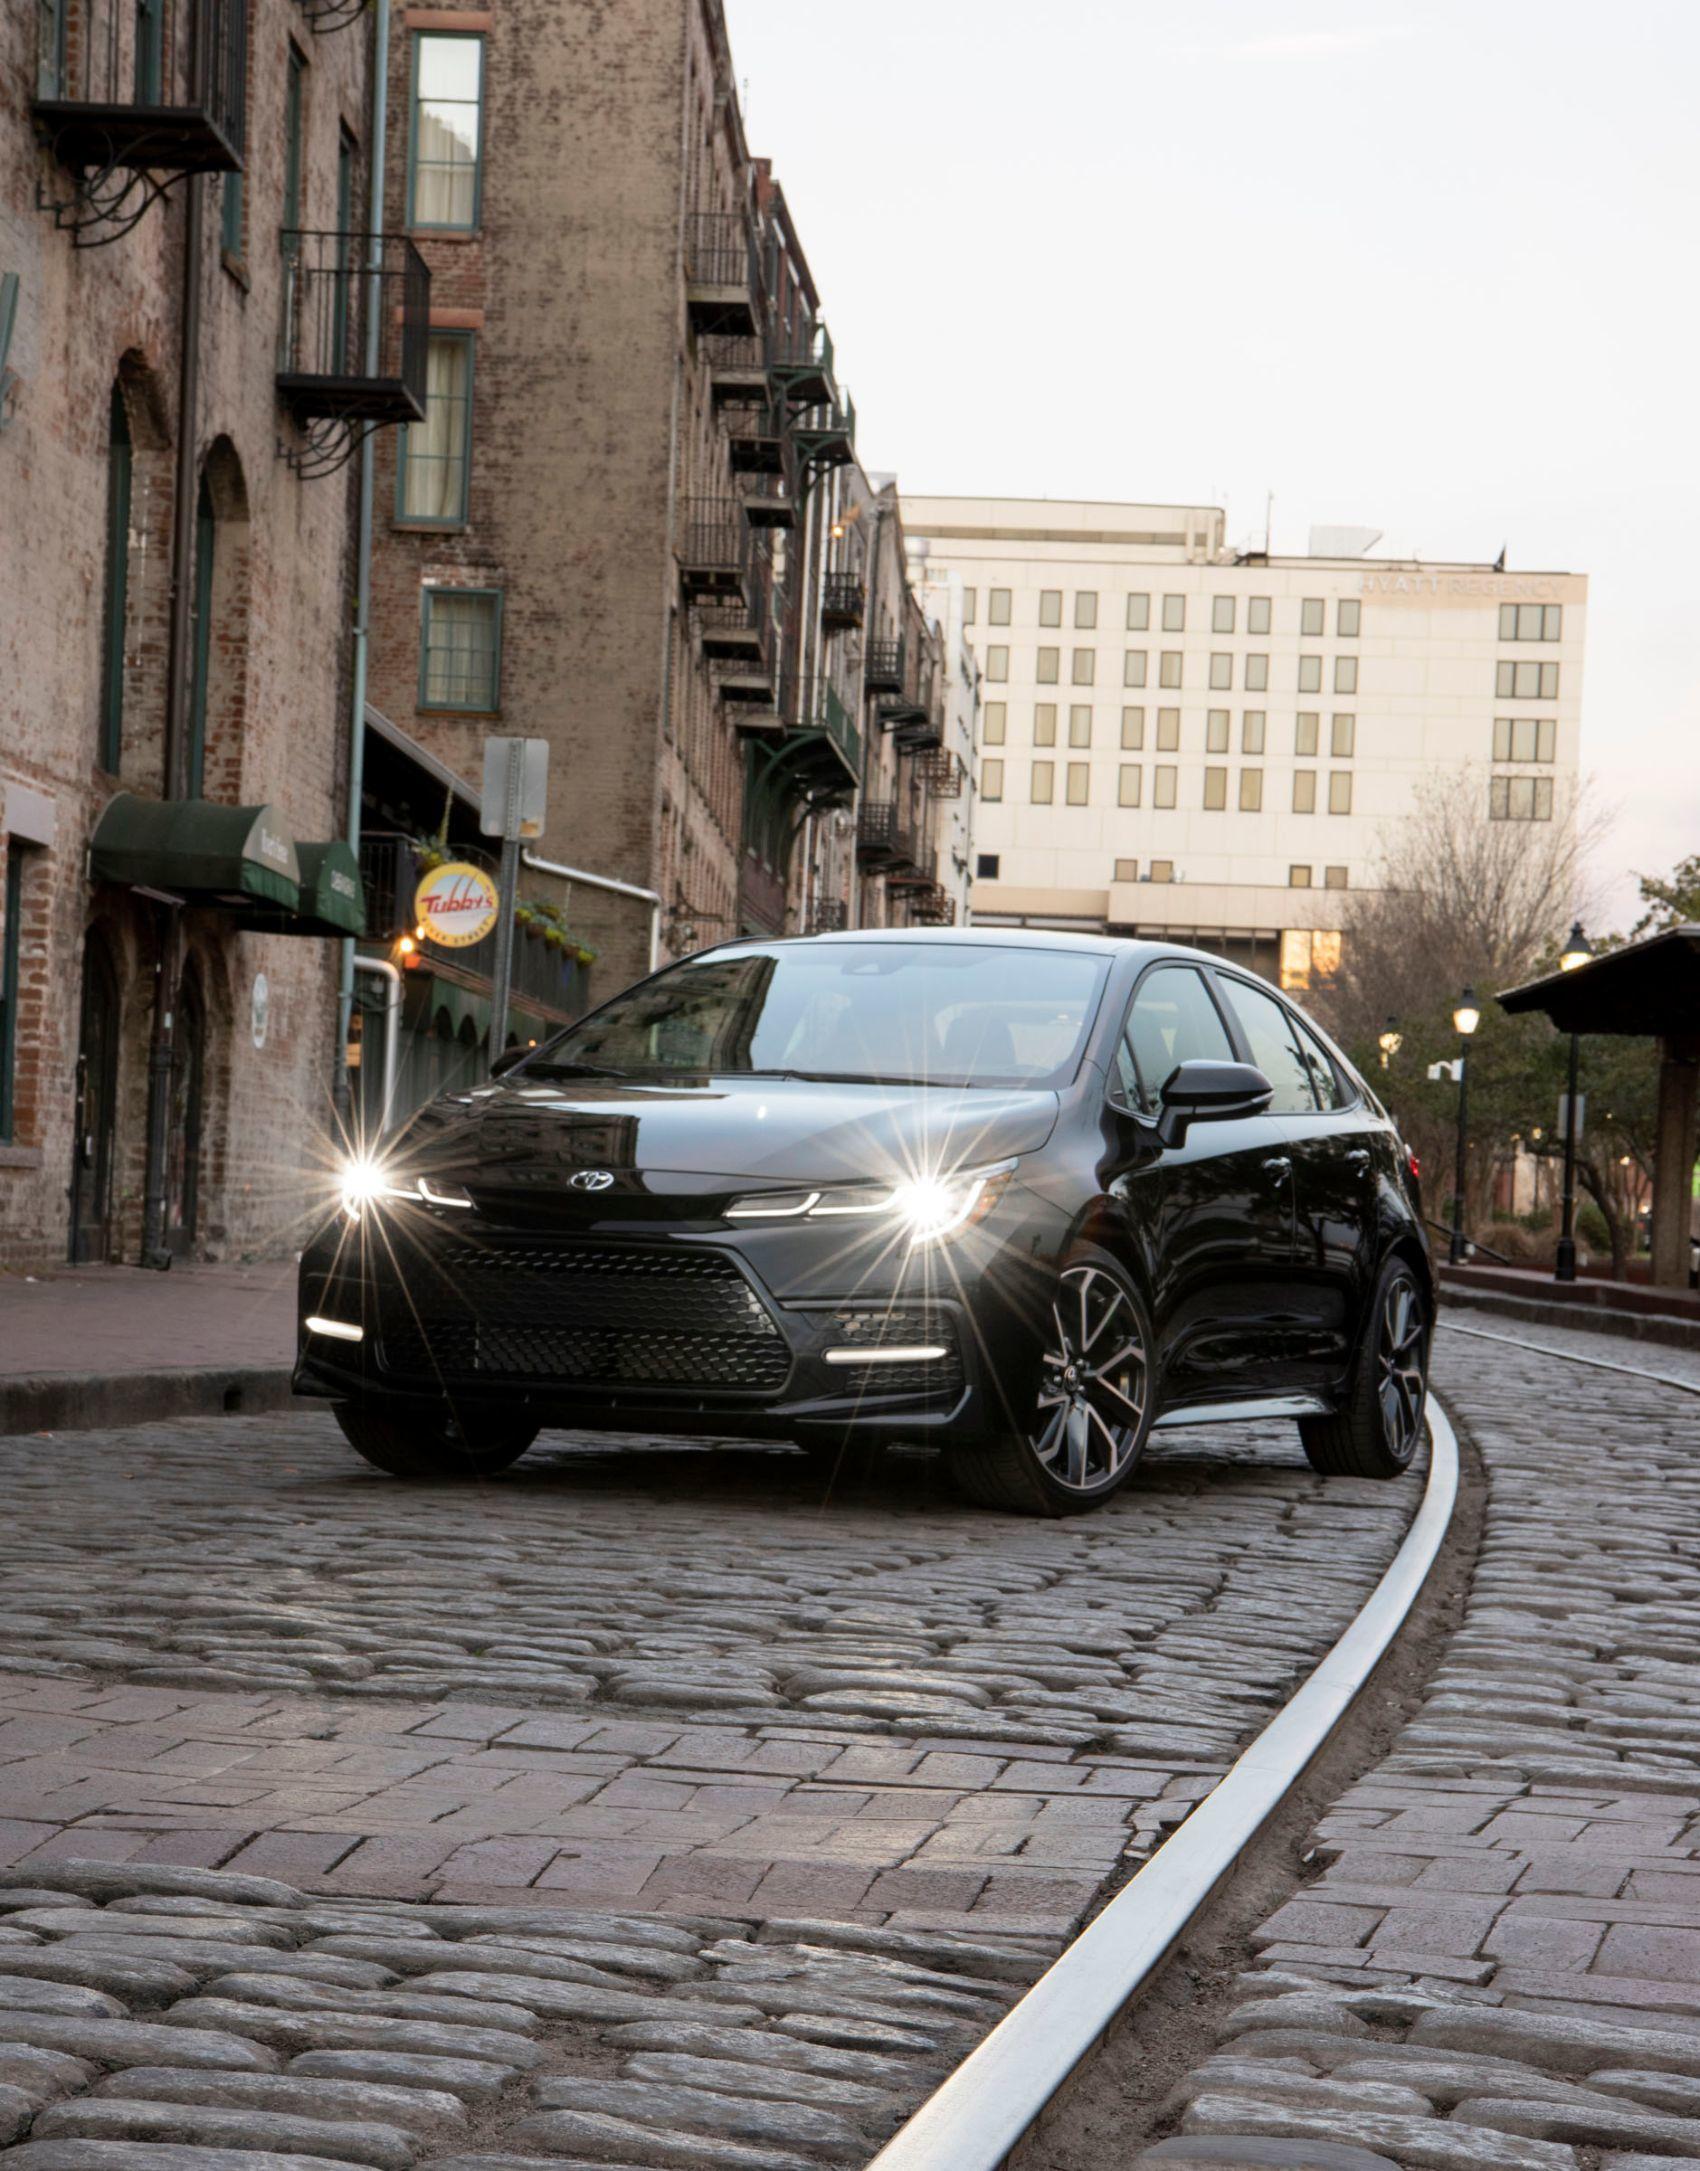 2020 Corolla XSE BlackSandPearl 003 B00F12724B742DB30FB13C8F468D12C417113EF4